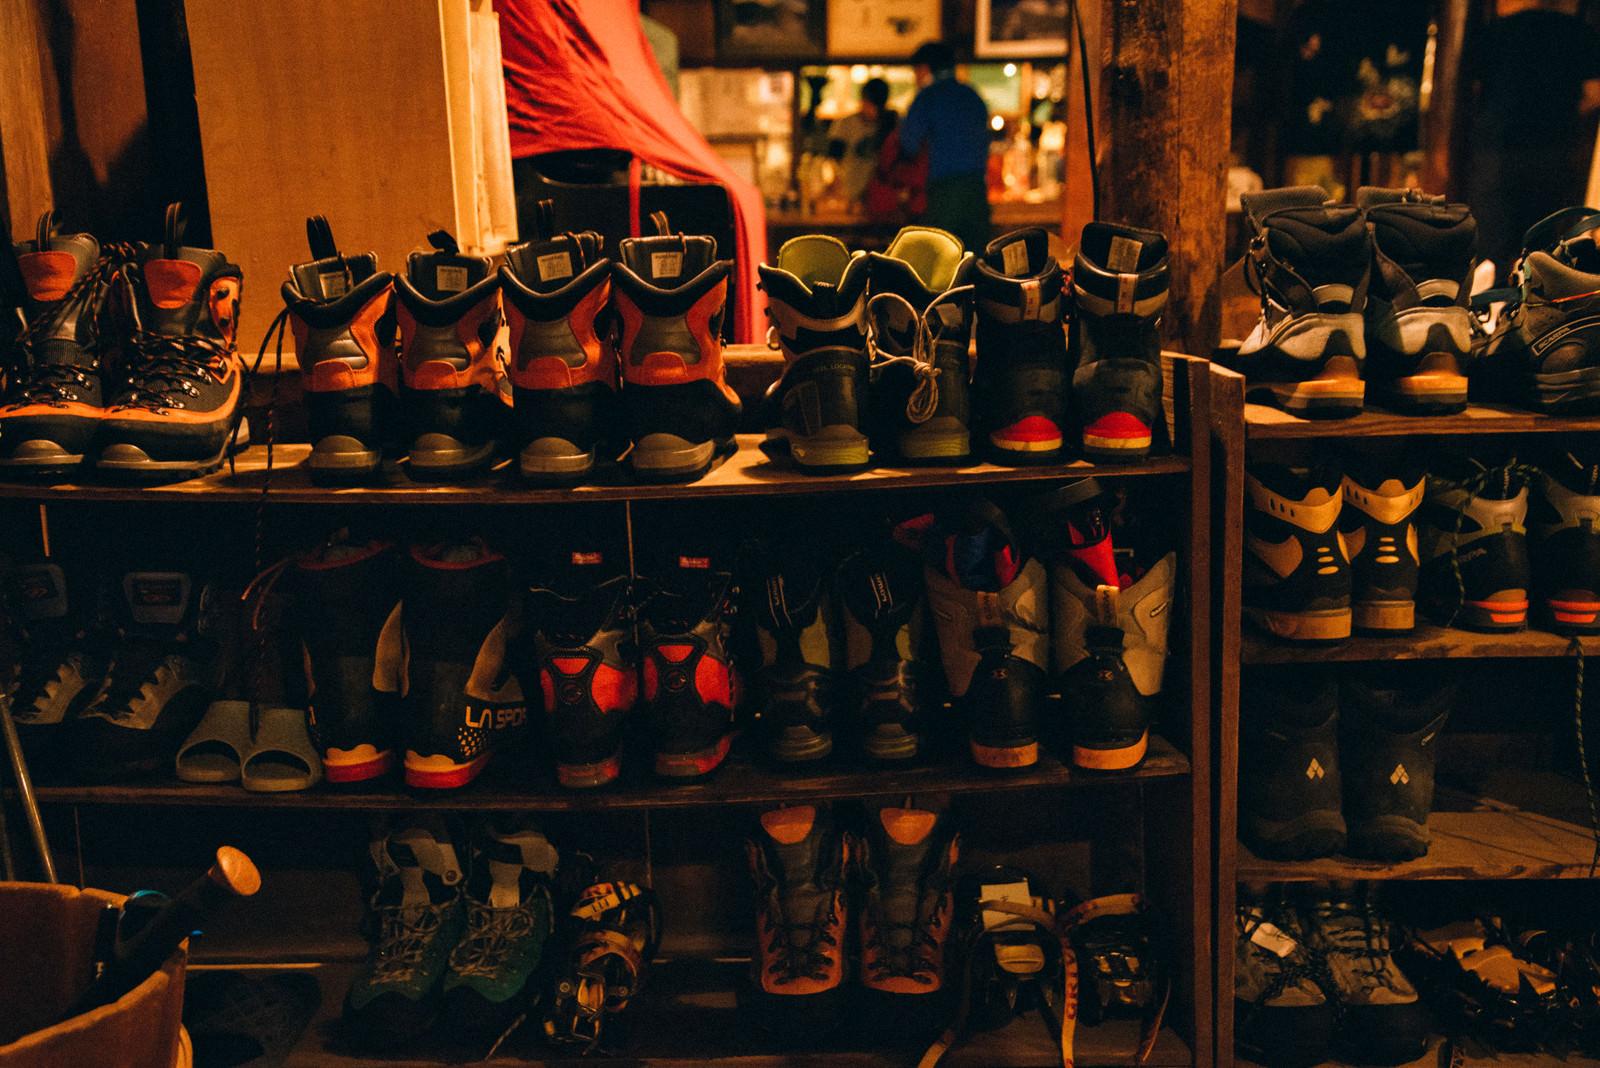 「山小屋の靴棚に並ぶトレッキングシューズ」の写真